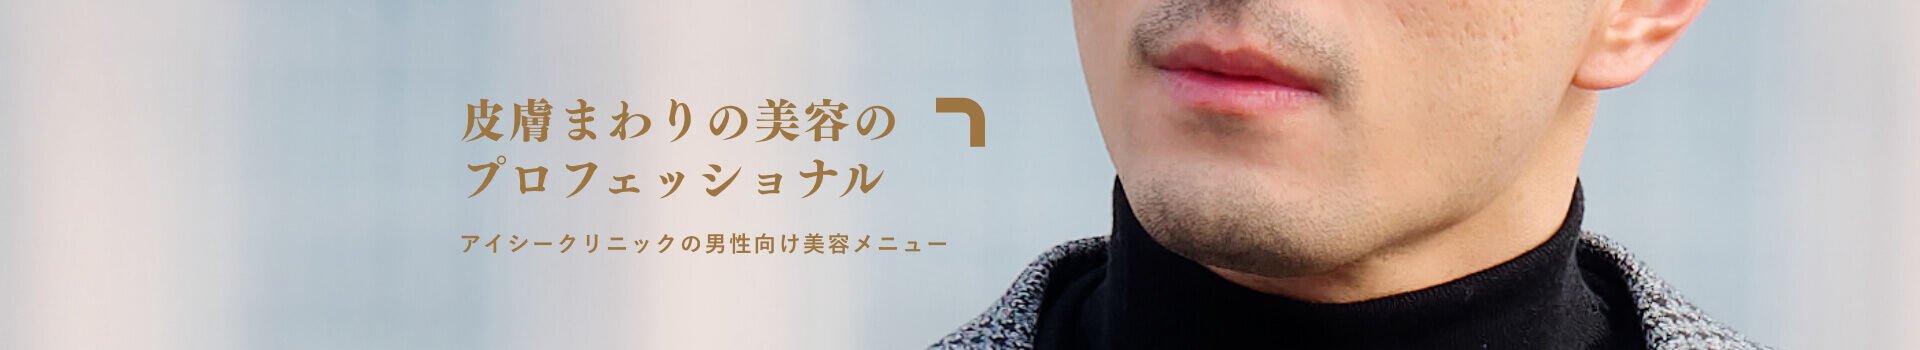 皮膚周りの美容のプロフェッショナル アイシークリニックの男性向け美容メニュー